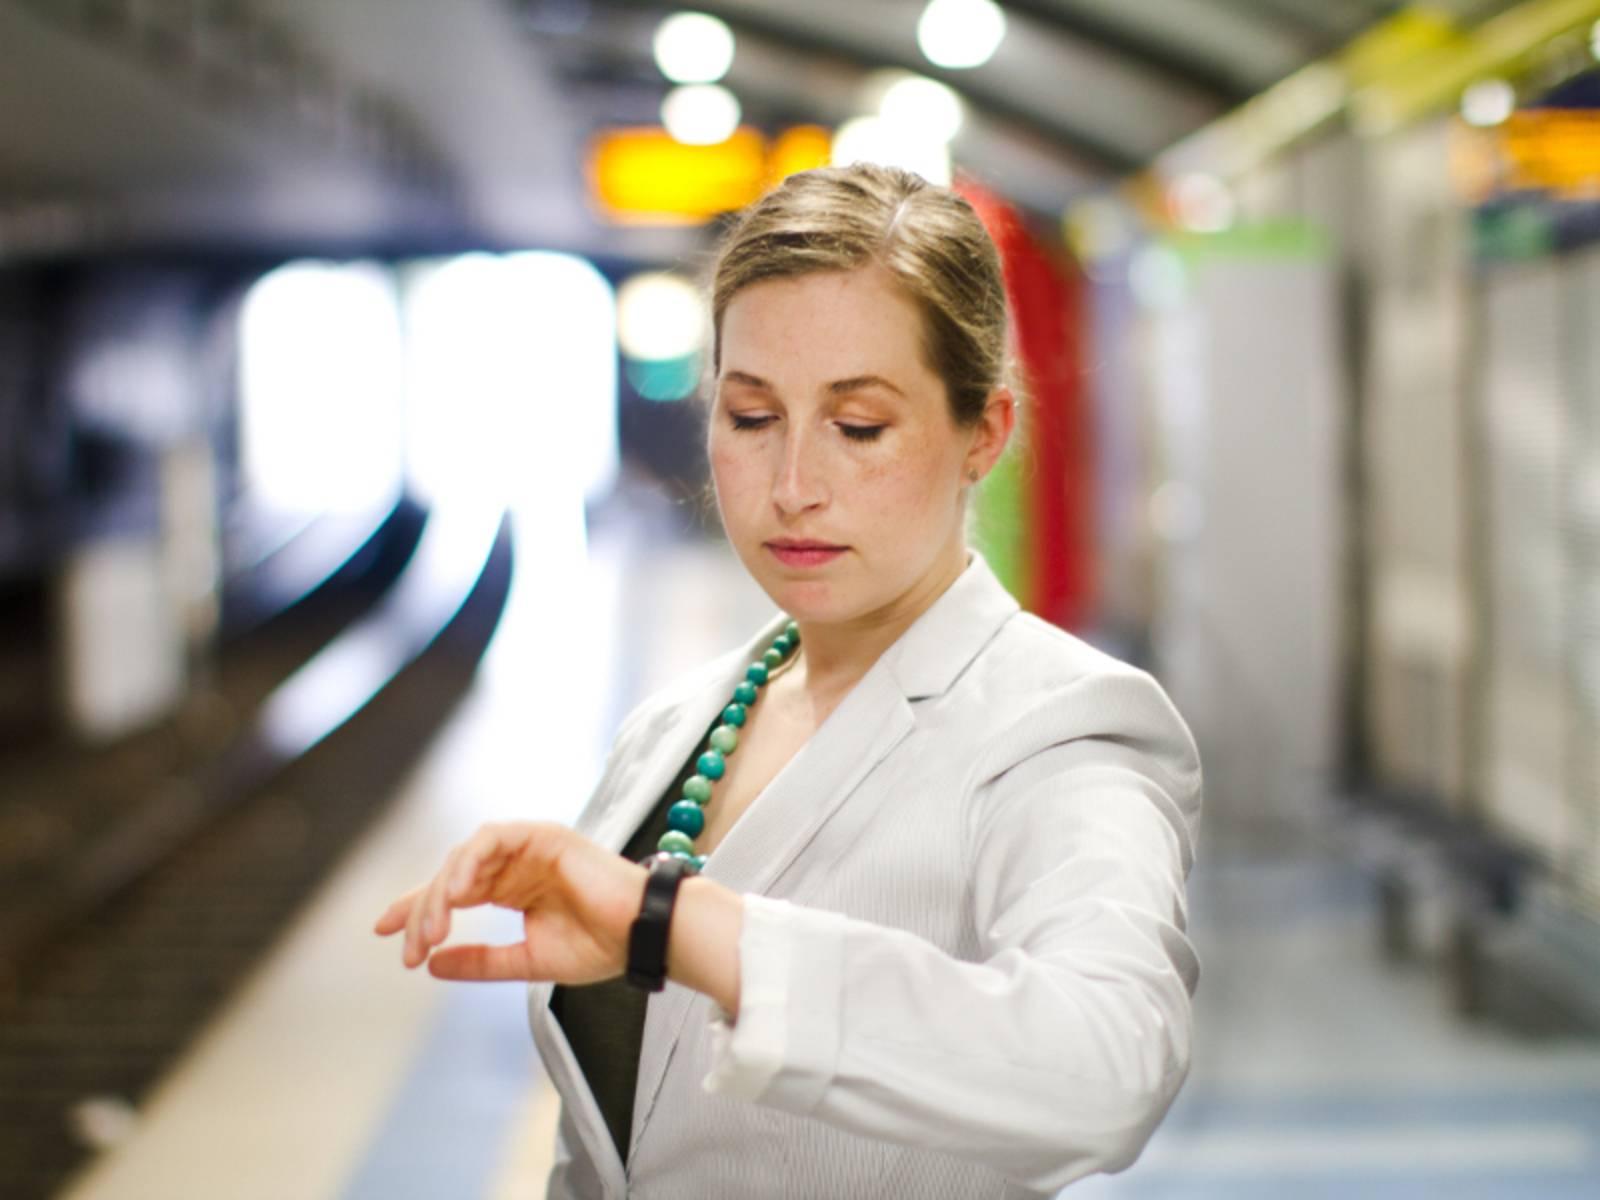 Junge Frau sieht auf ihre Armbanduhr